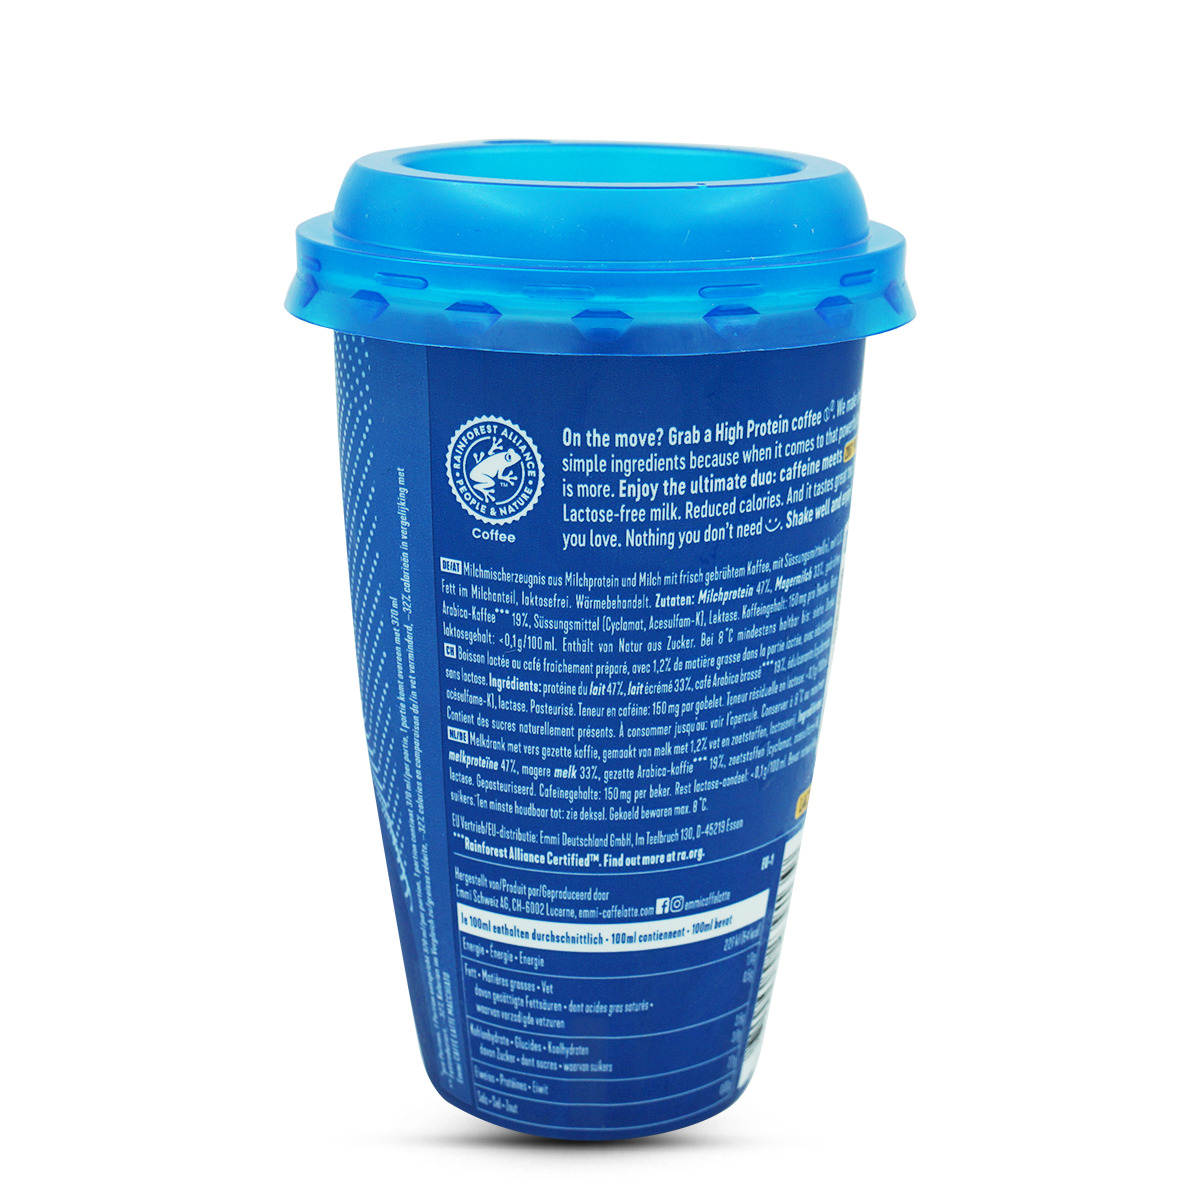 Emmi Caffè Latte High Protein